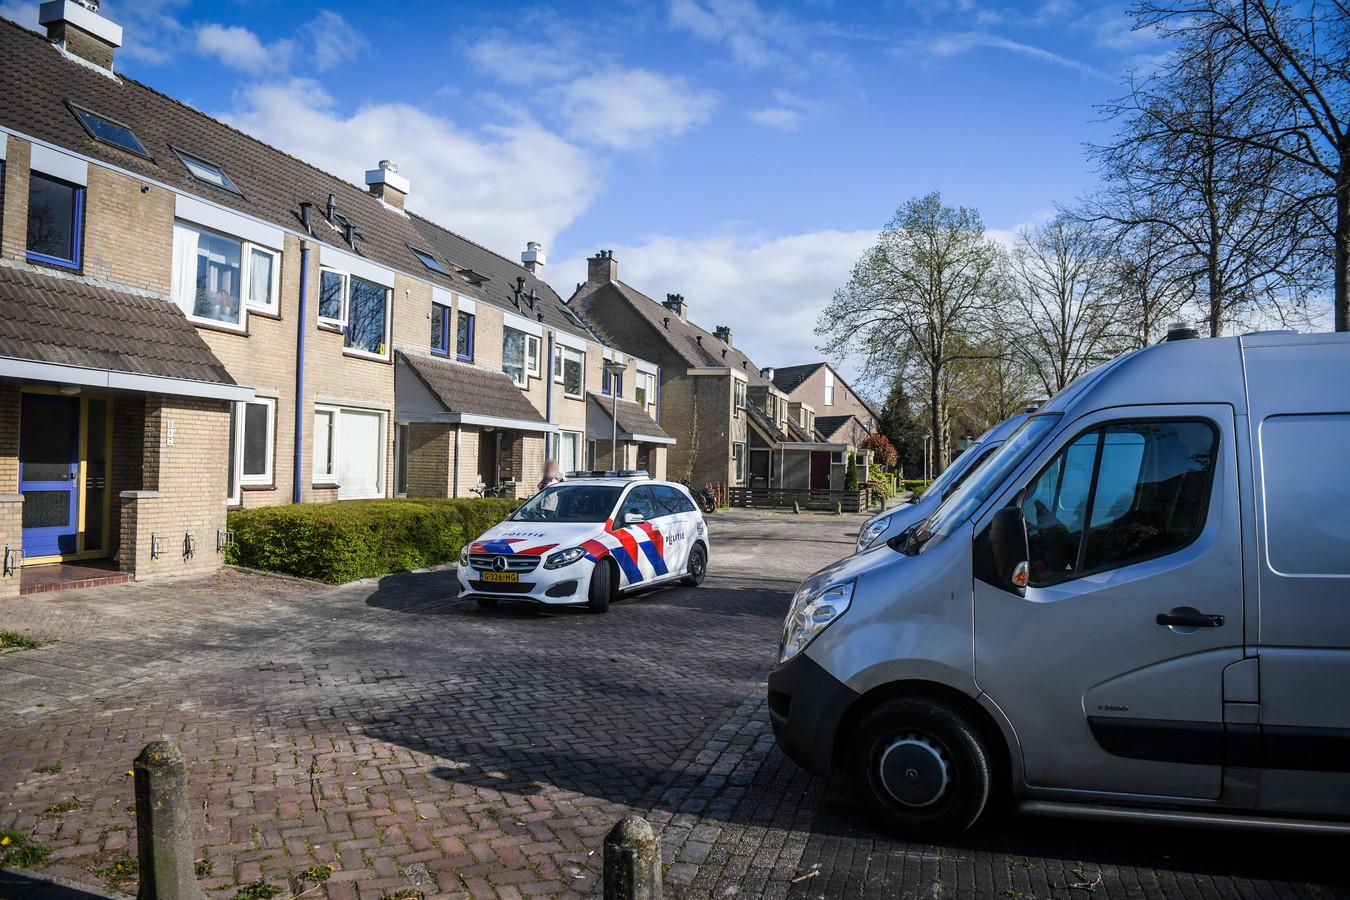 Aan De Halve Roe in Nieuwkoop is een overleden persoon gevonden in een woning.